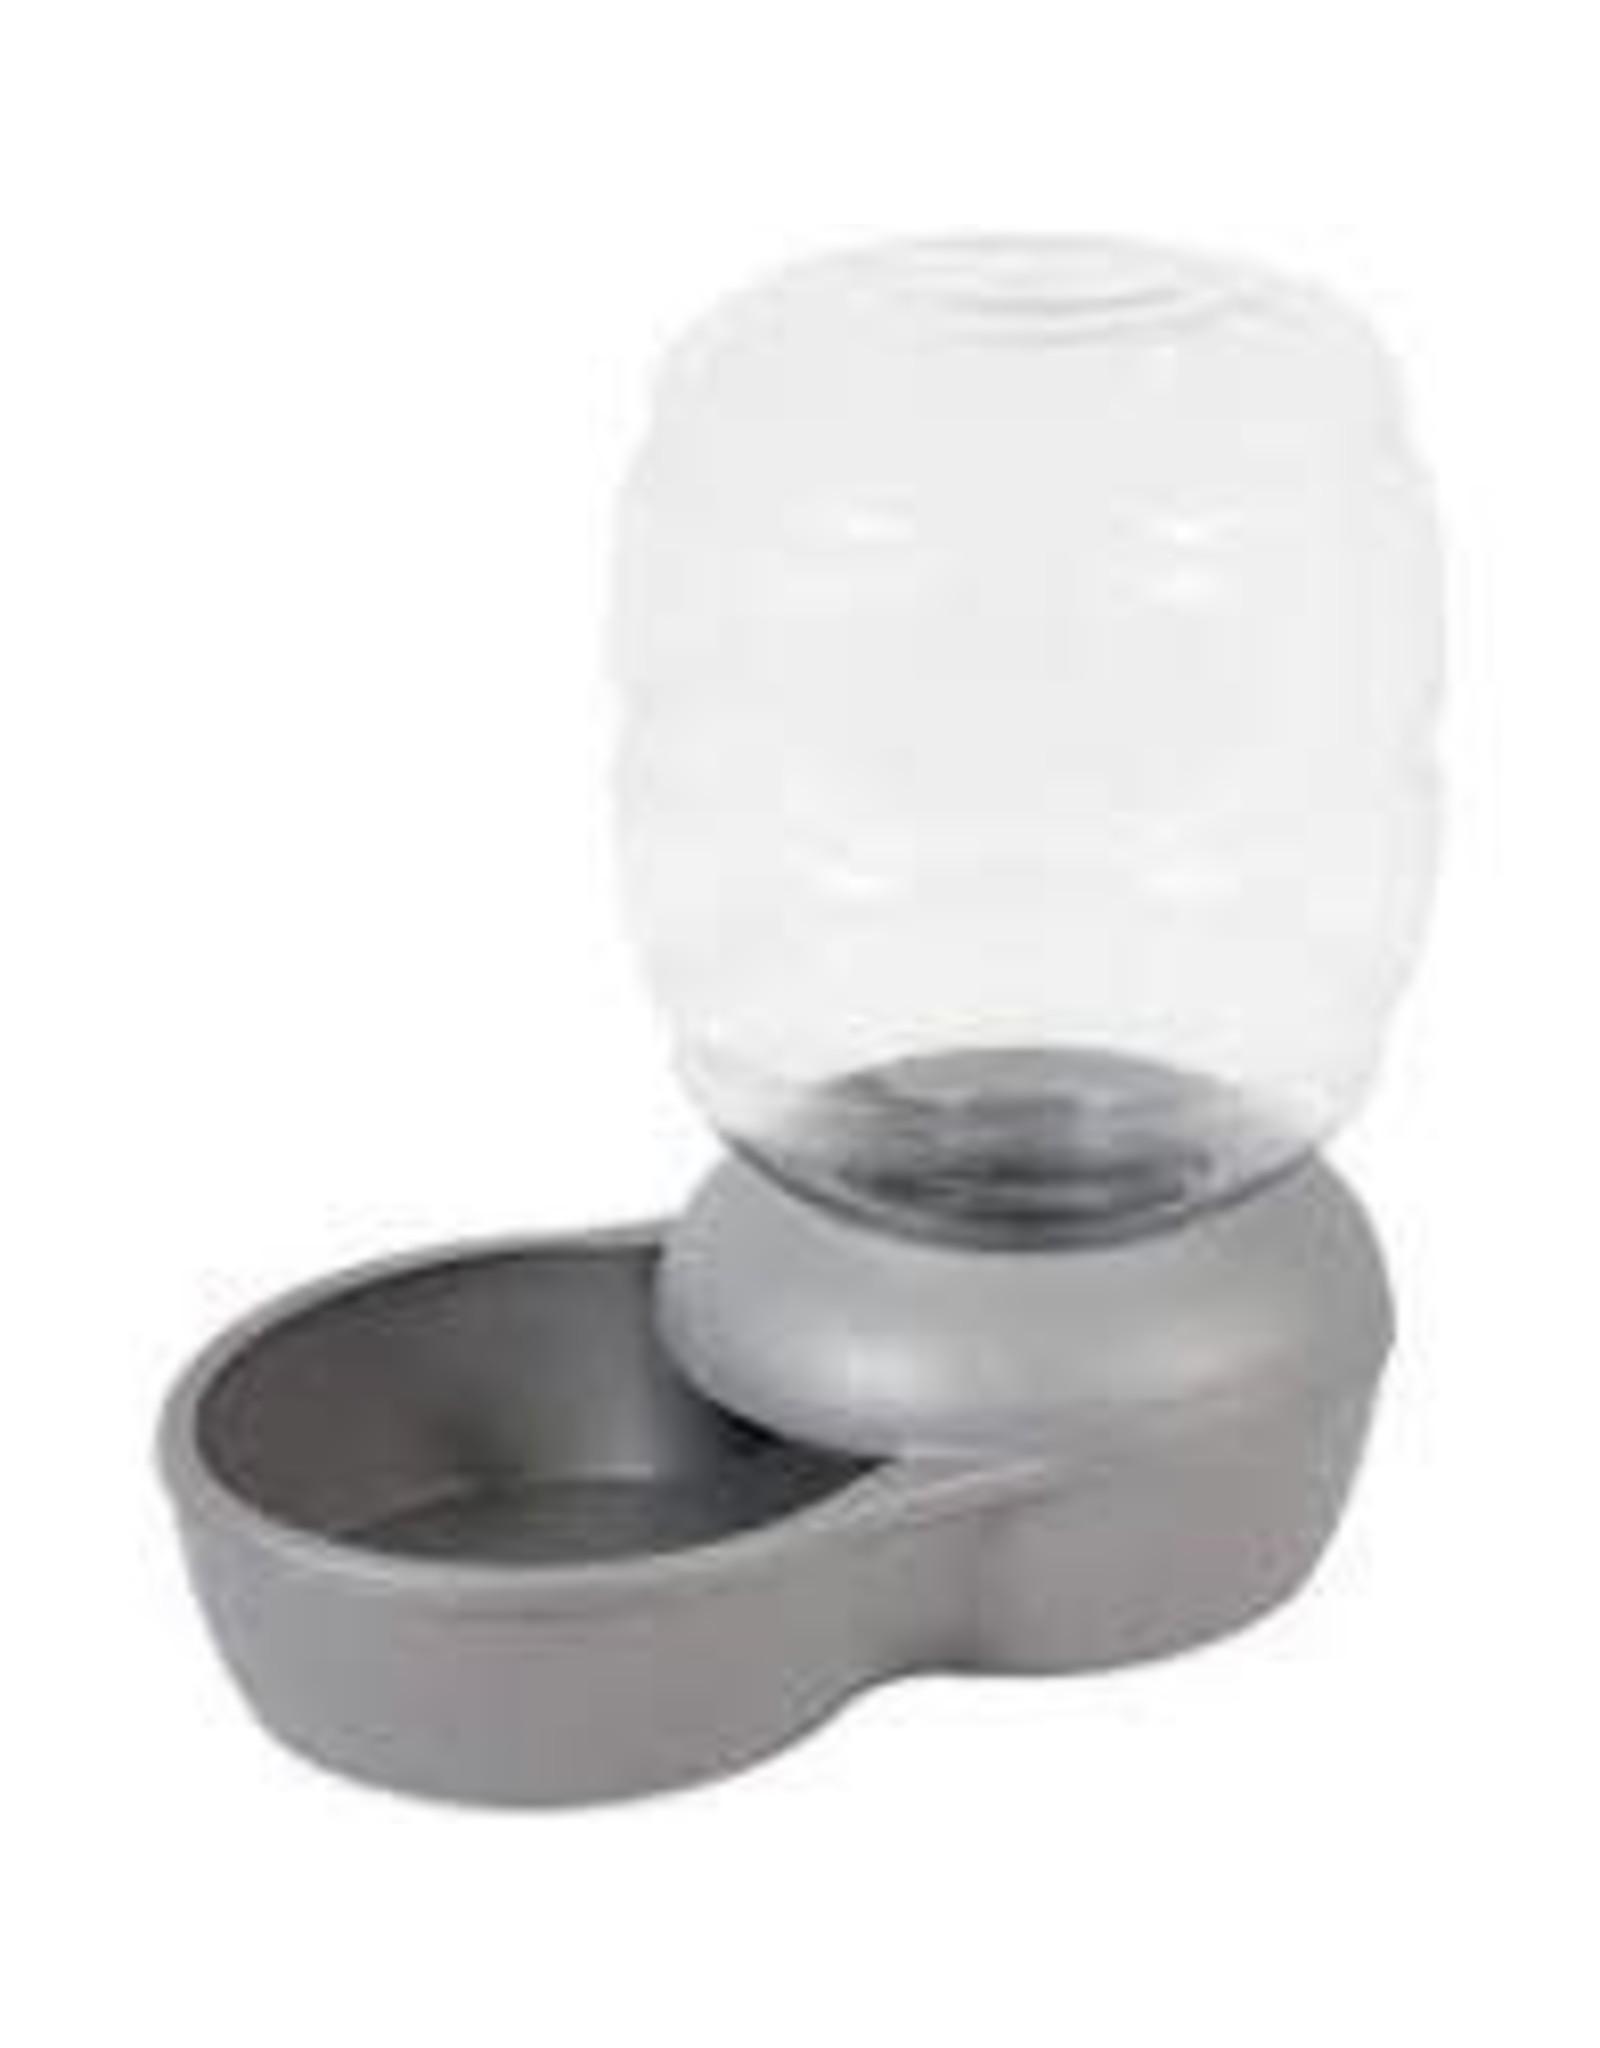 Petmate Petmate - Replenish Water Pearl Silver Grey Small 1g